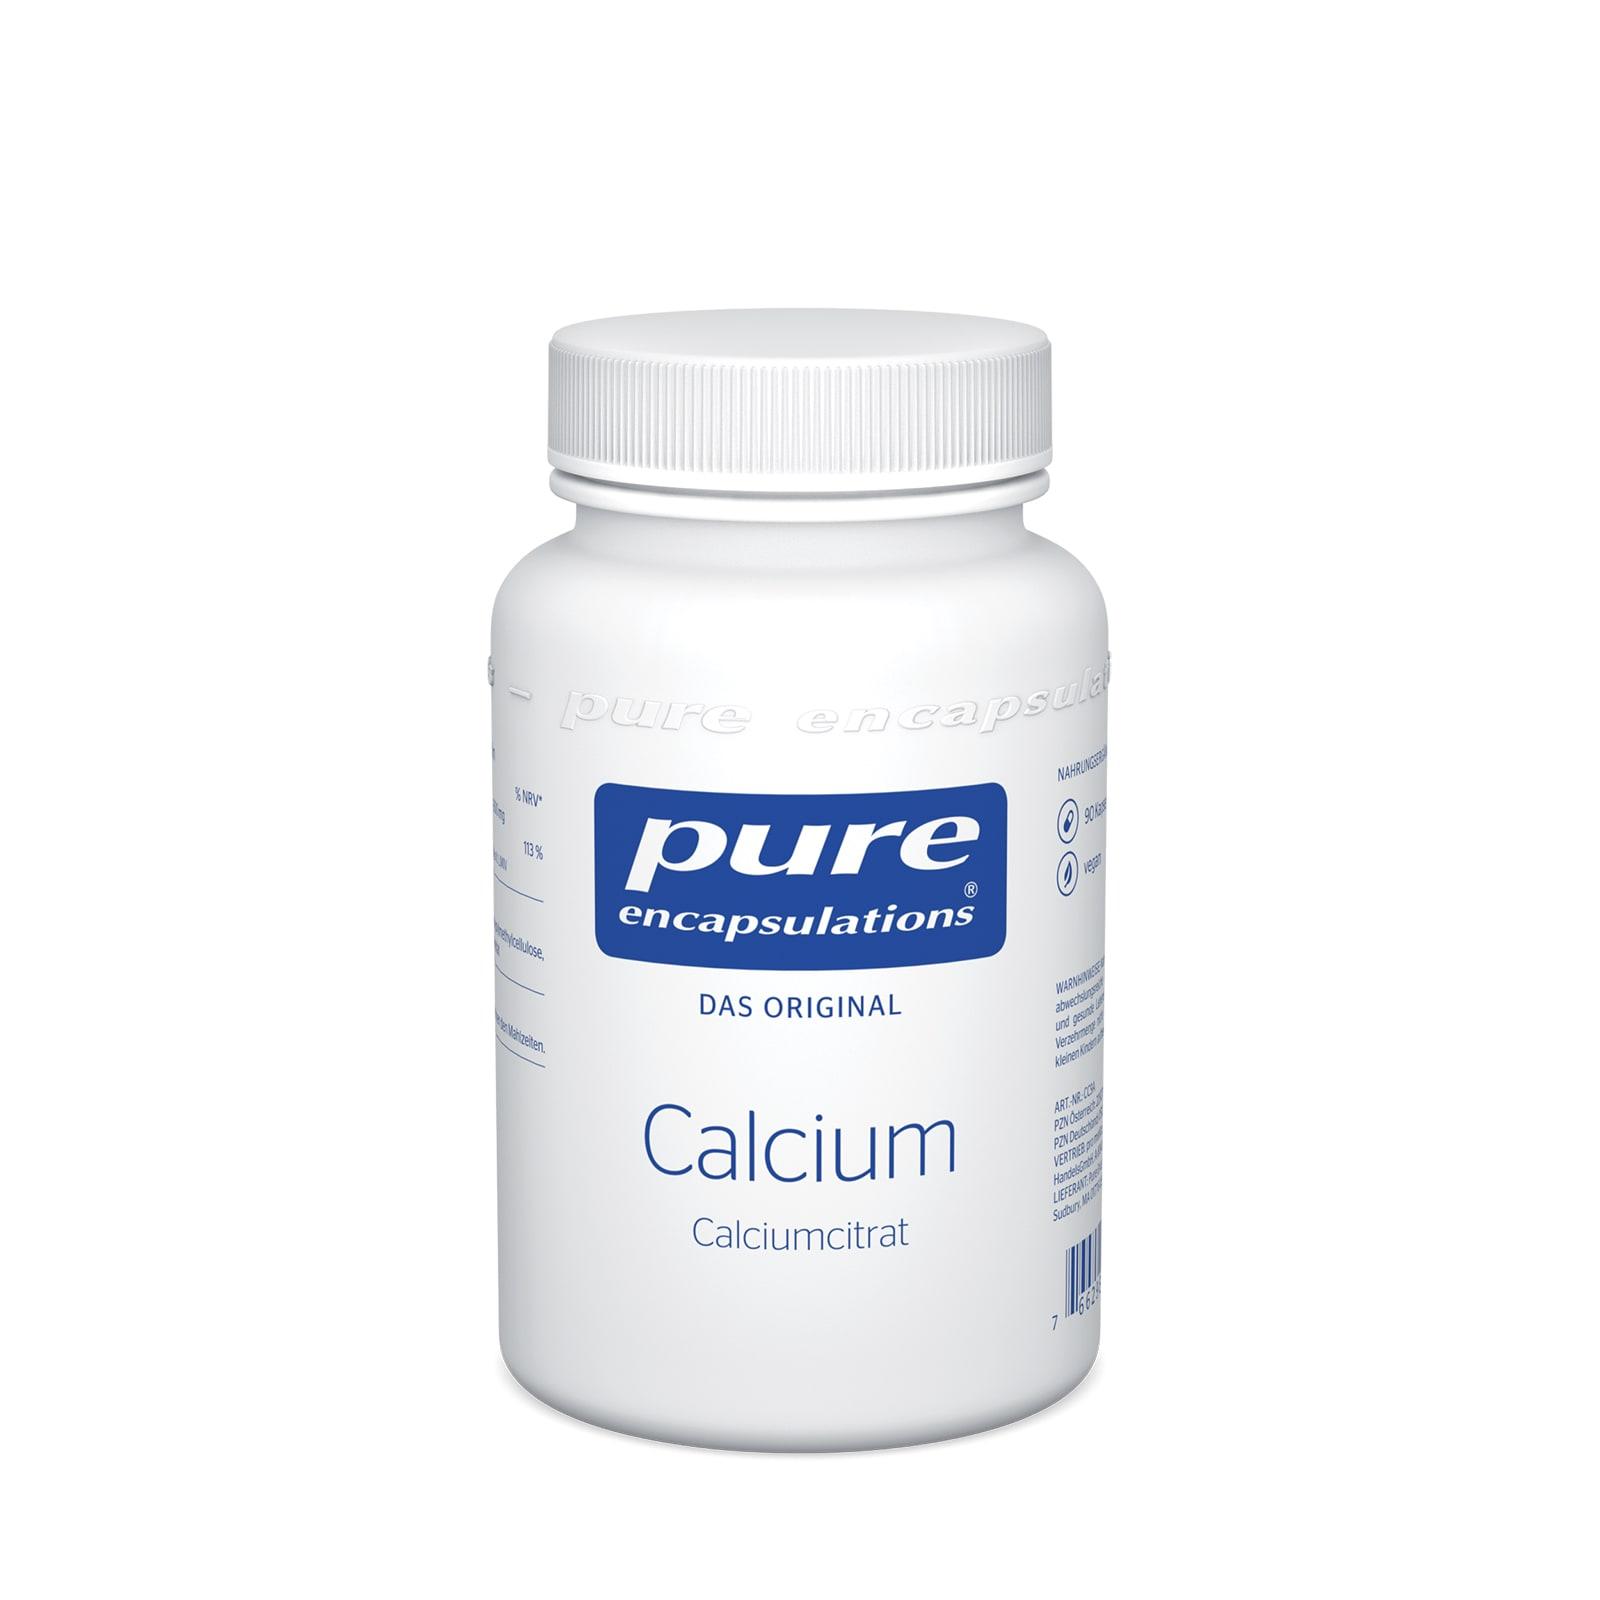 Pure Encapsulations Calciumcitrat